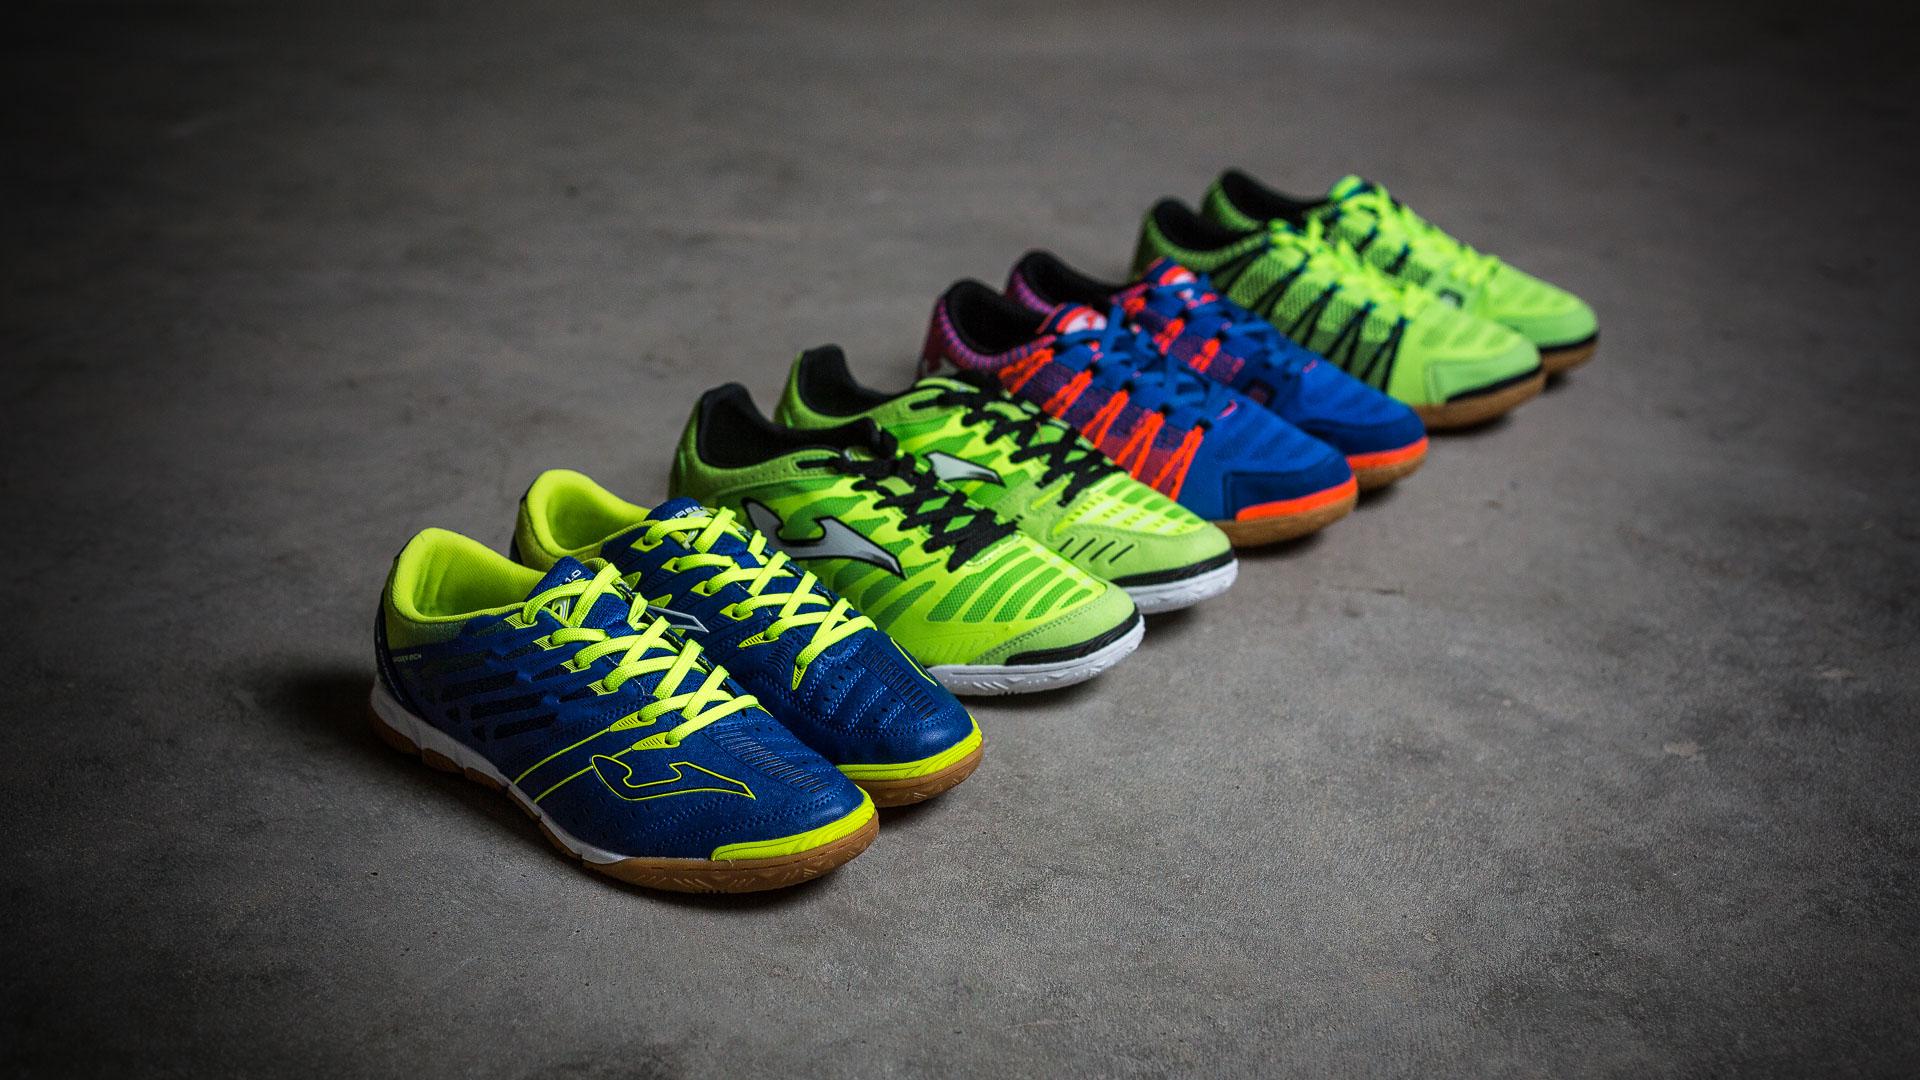 033f831ba8e07b Выбрать футбольную обувь Joma можно в нашем интернет магазине, где Вы  найдете большой выбора футзалок, бамп от Испанского производителя.